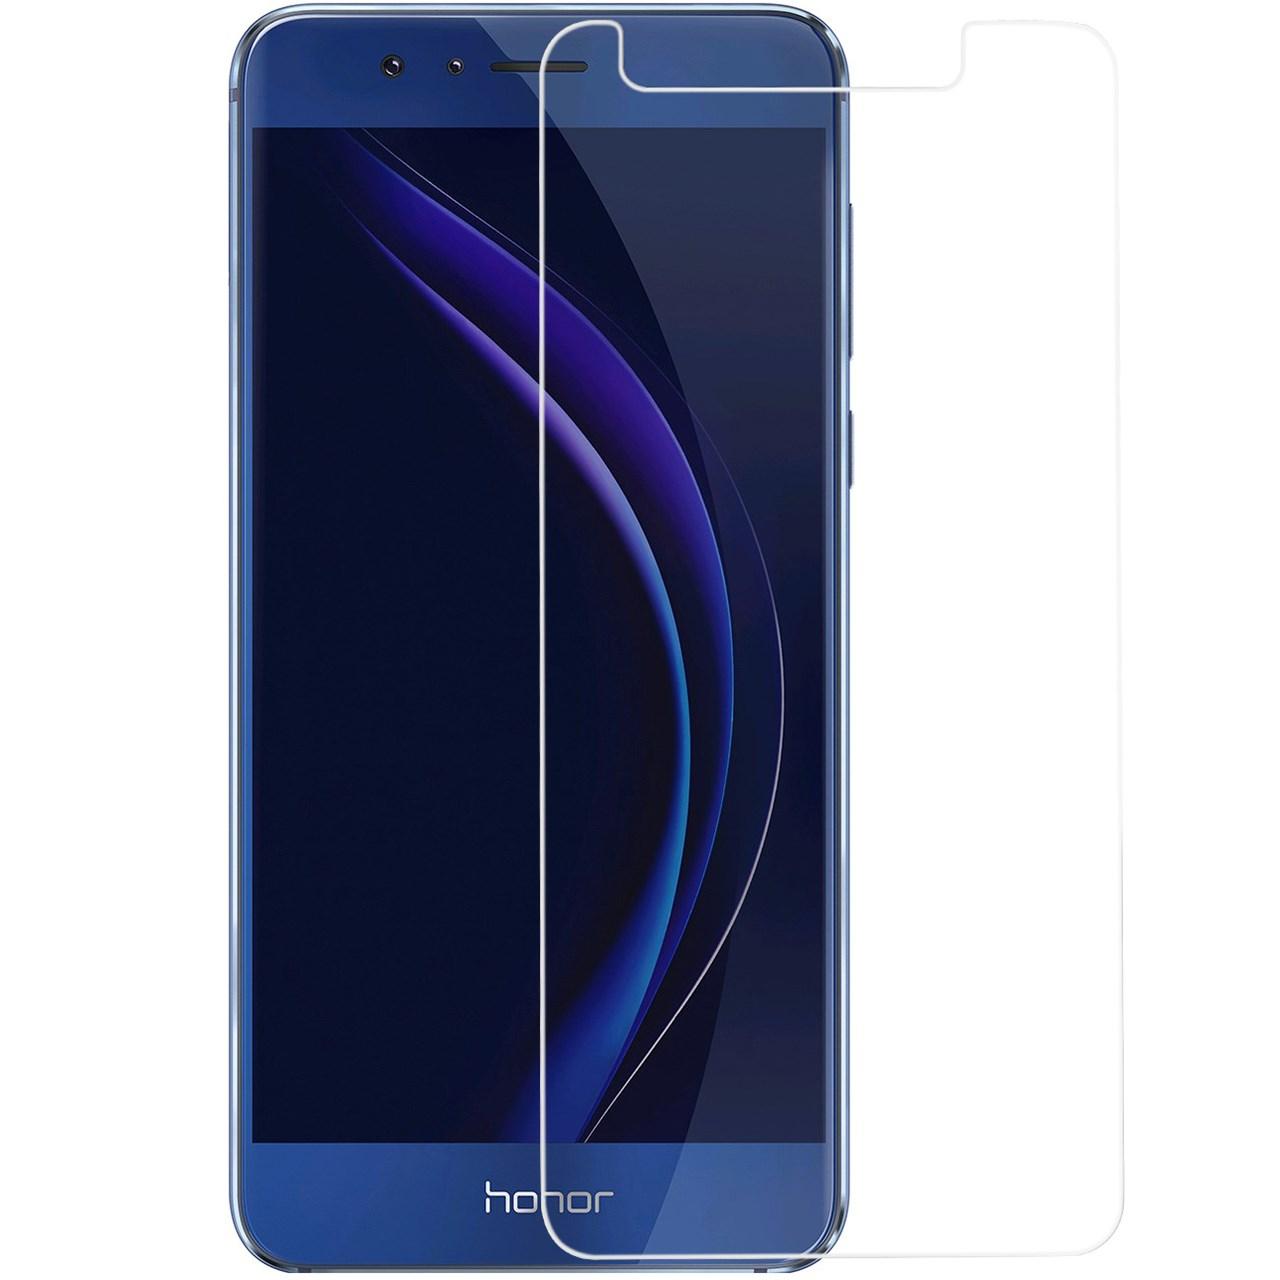 محافظ صفحه نمایش شیشه ای ریمکس مدل Tempered مناسب برای گوشی موبایل هواوی Honor 8